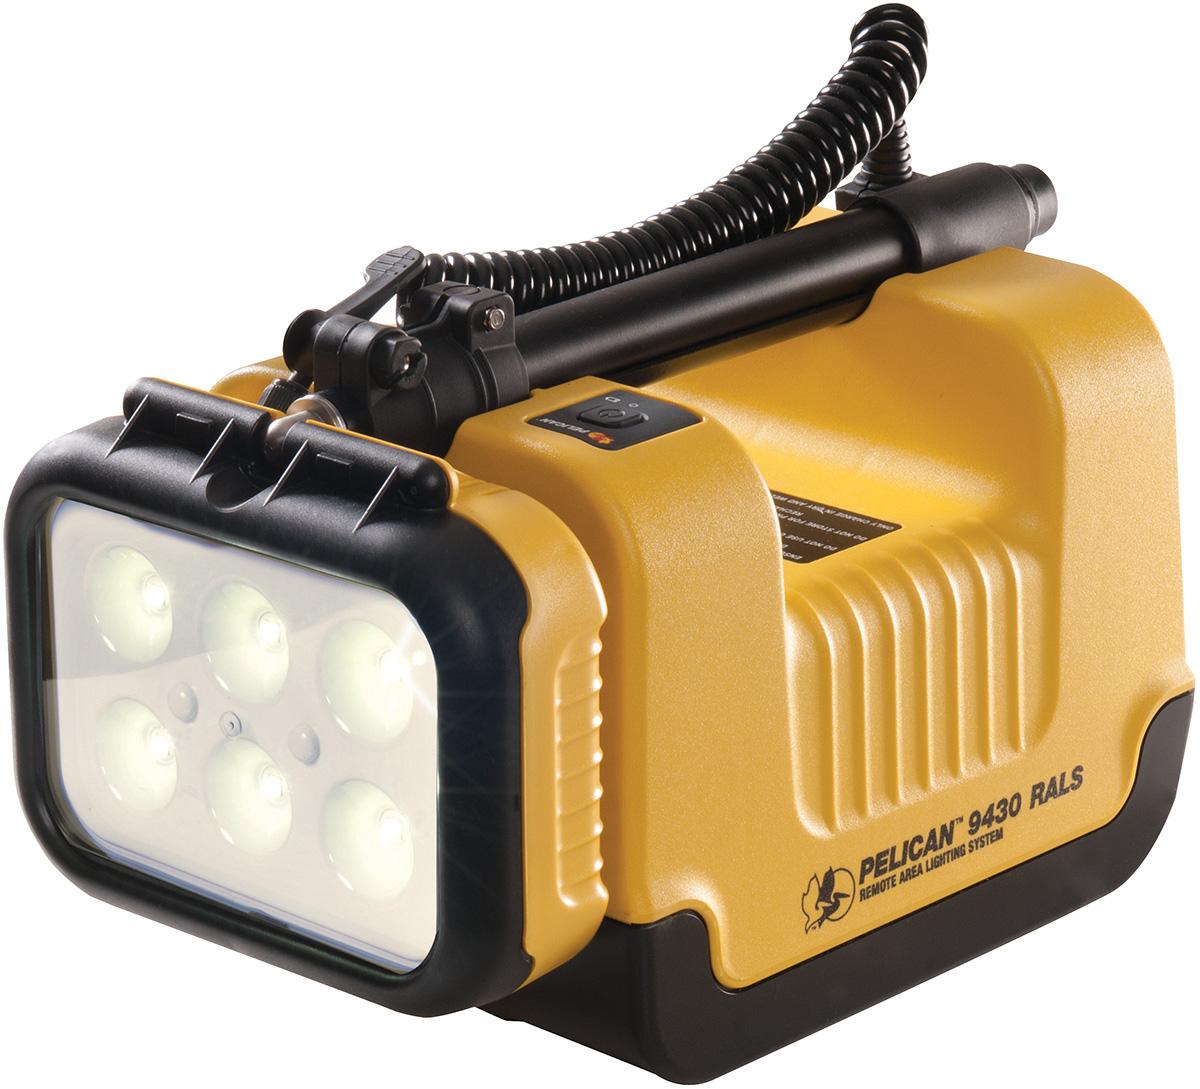 pelican 9430 rals personal led spot light